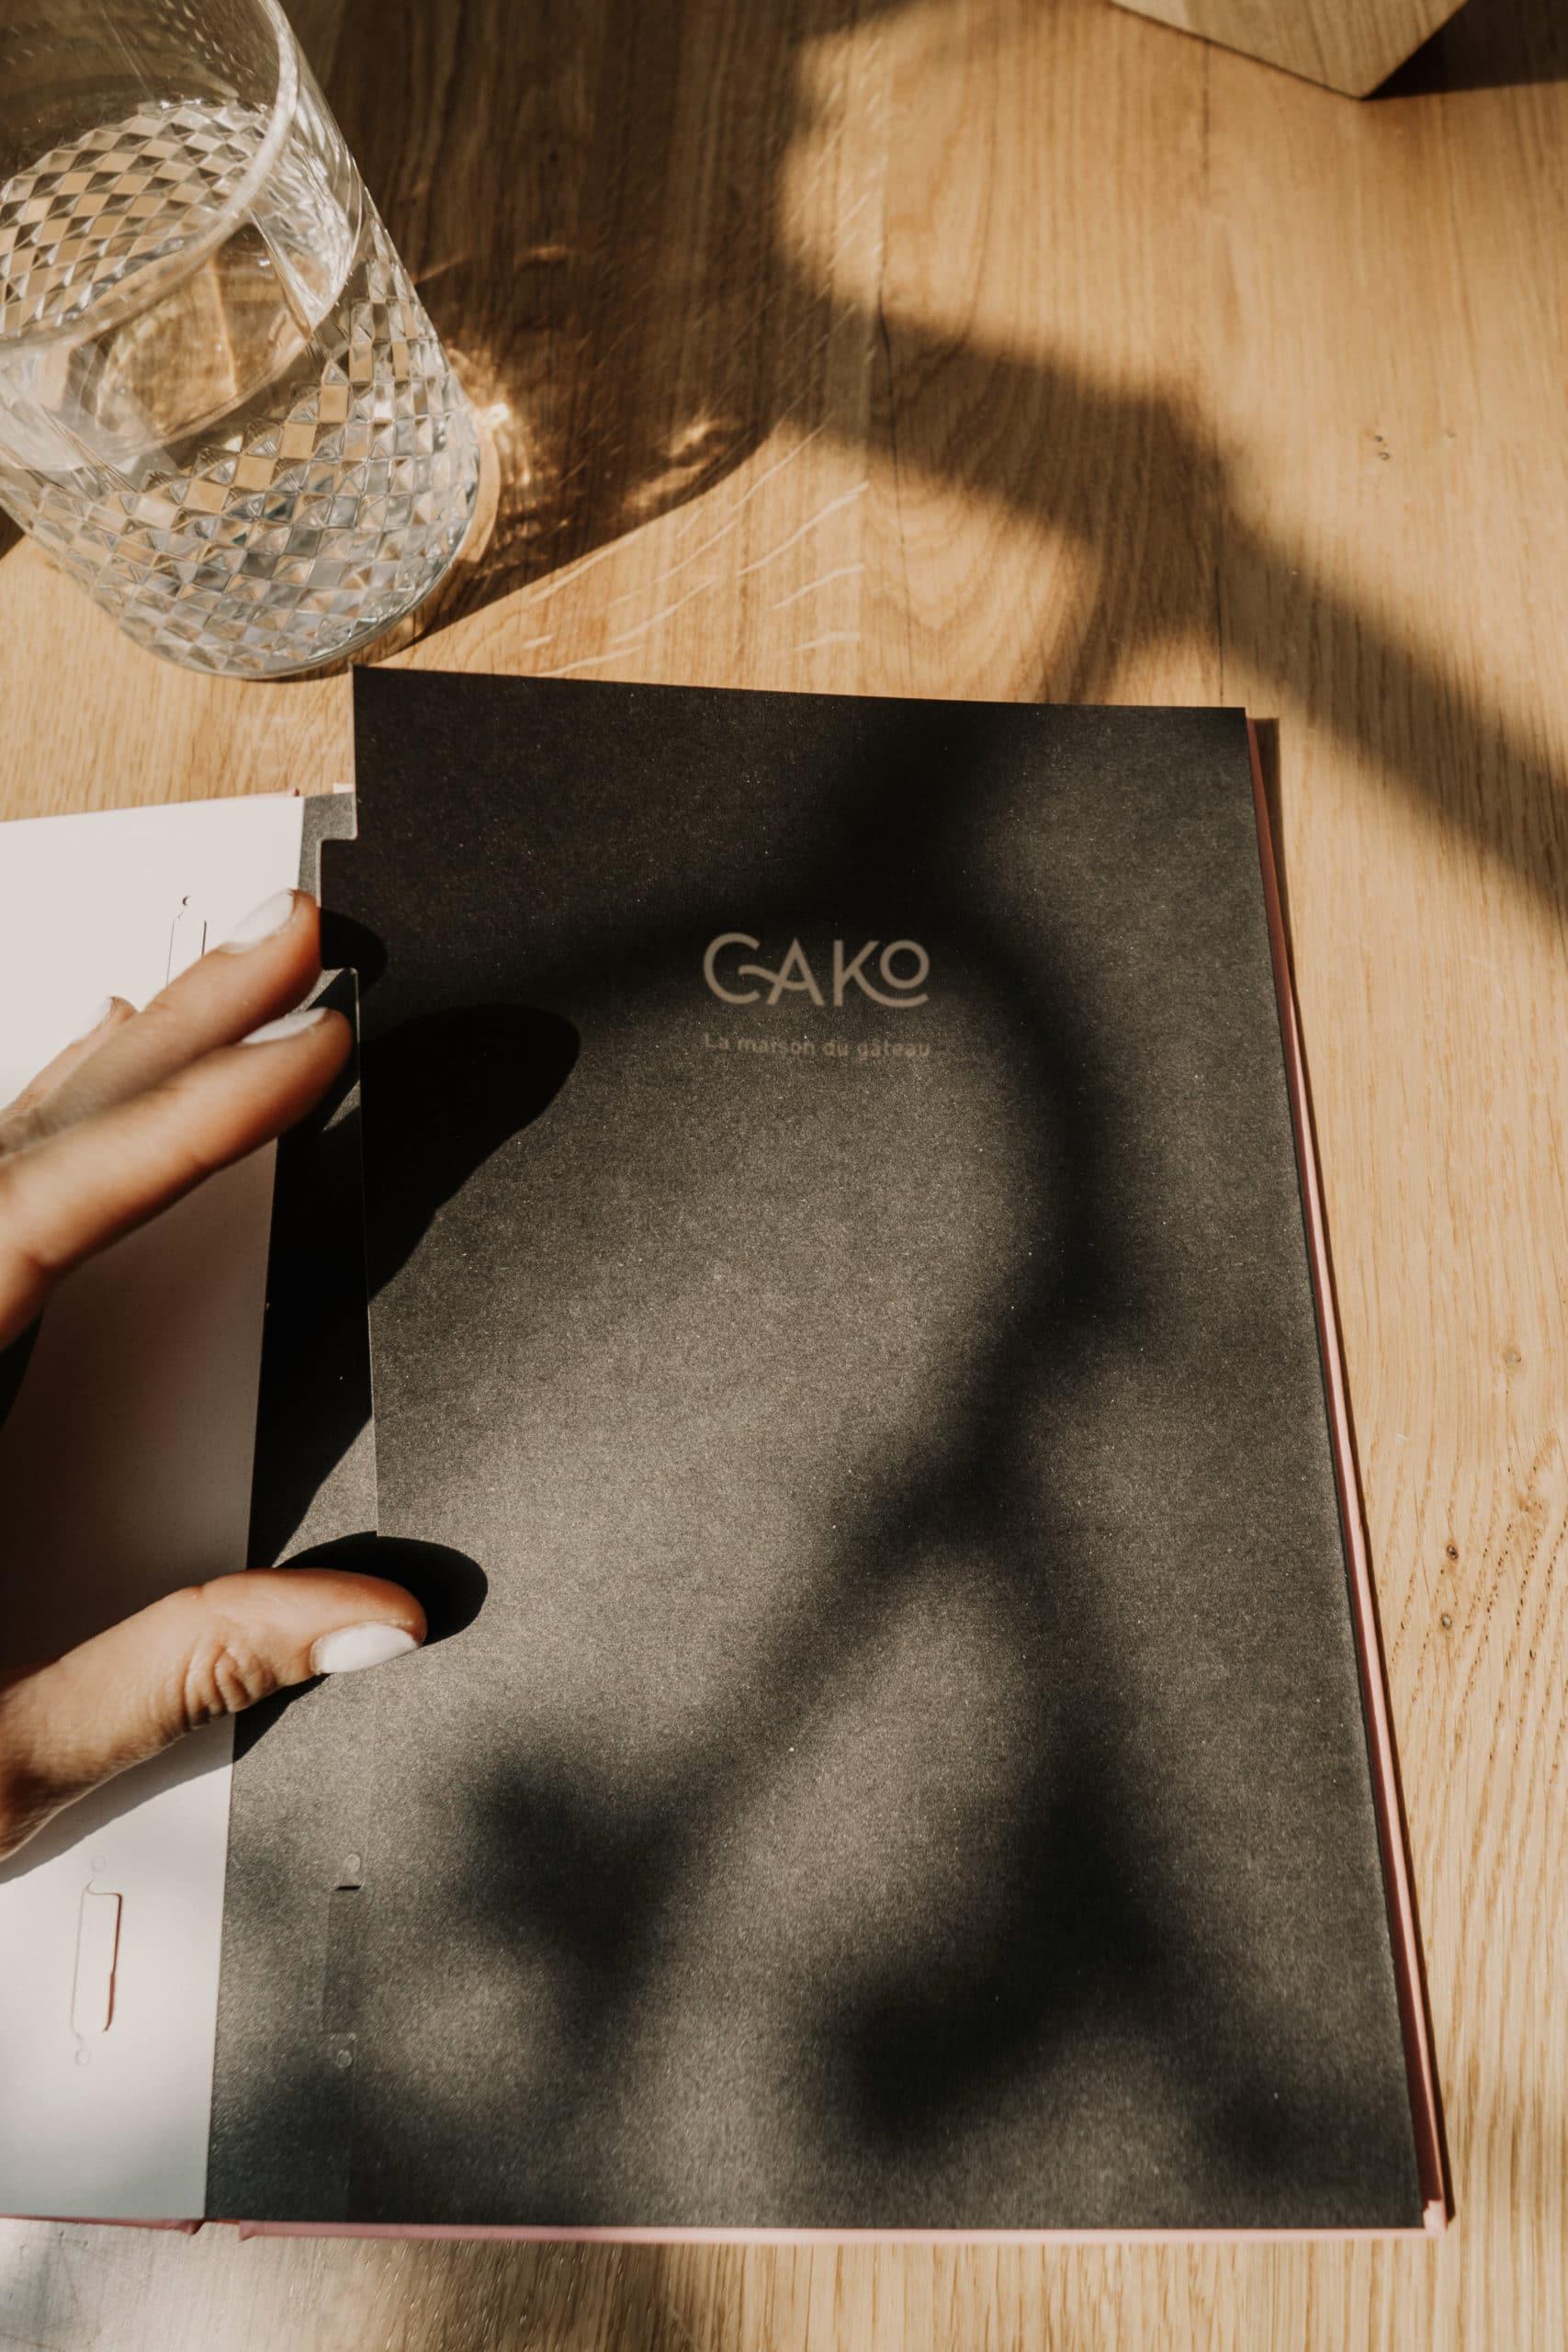 extérieur du menu de restaurant noir posé sur une table en bois